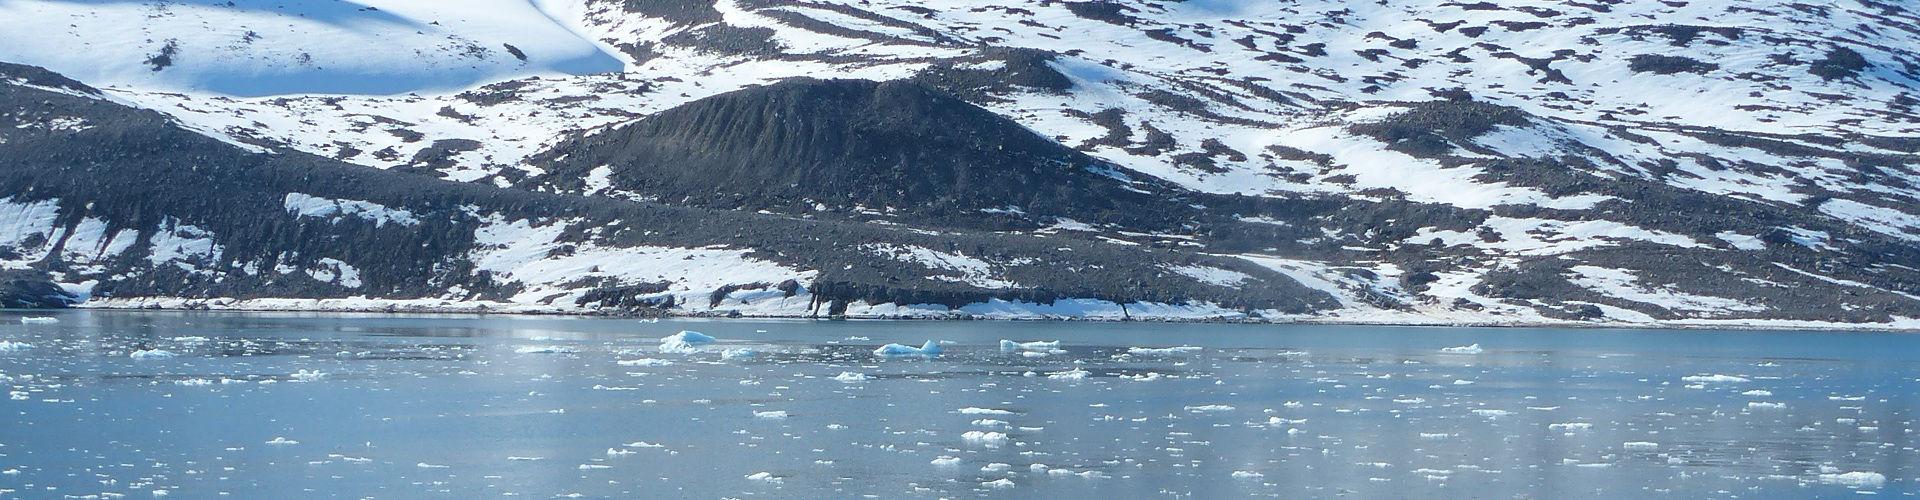 Fotoreise nach Spitzbergen